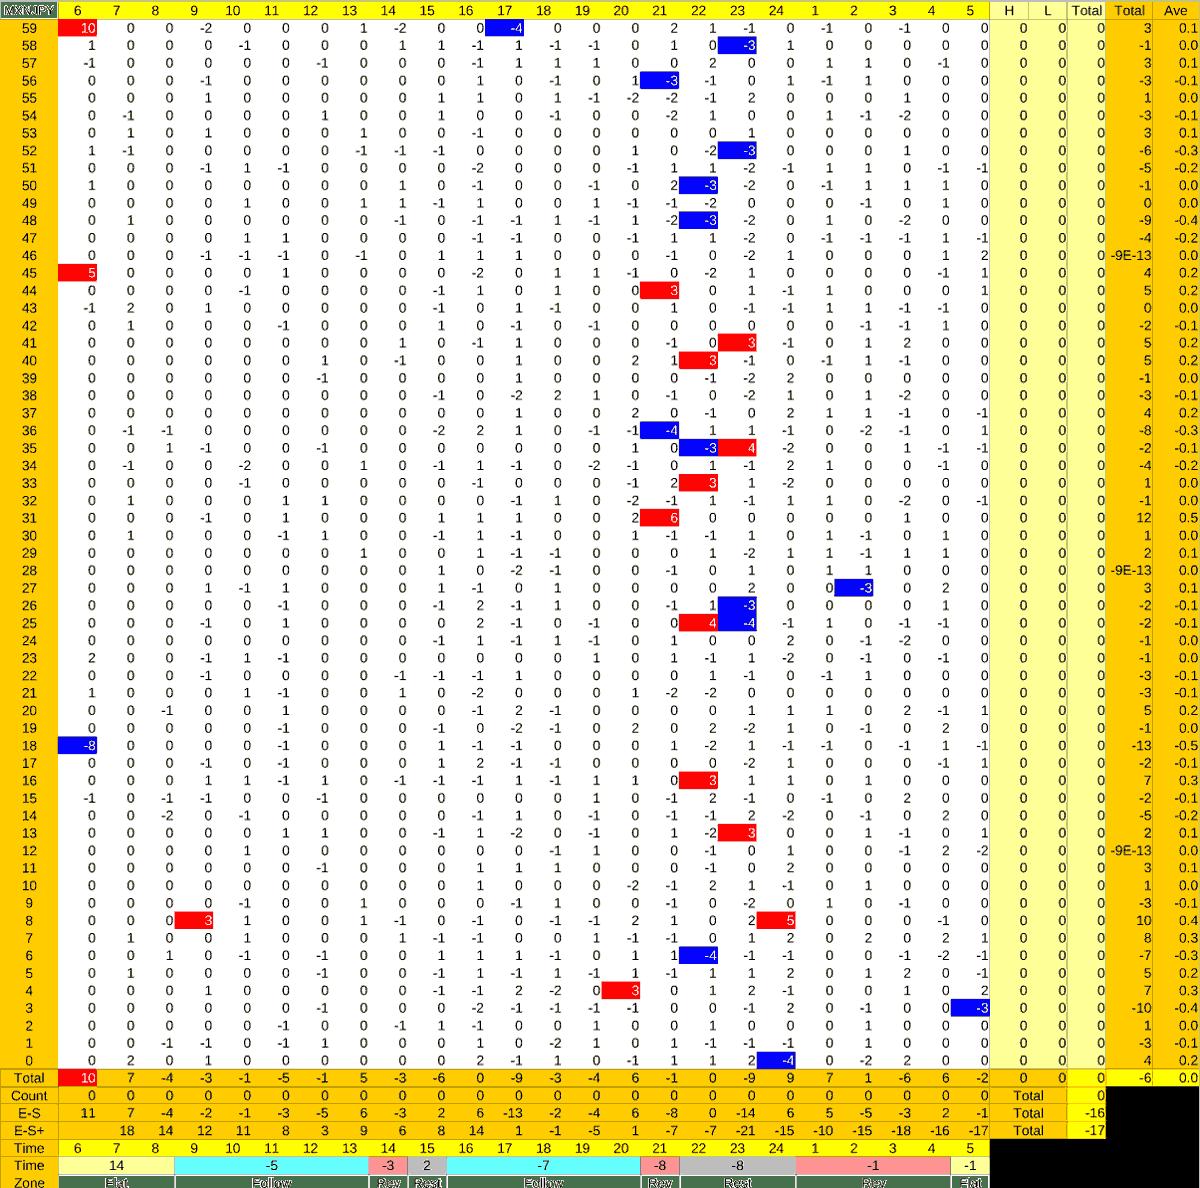 20210826_HS(3)MXNJPY-min